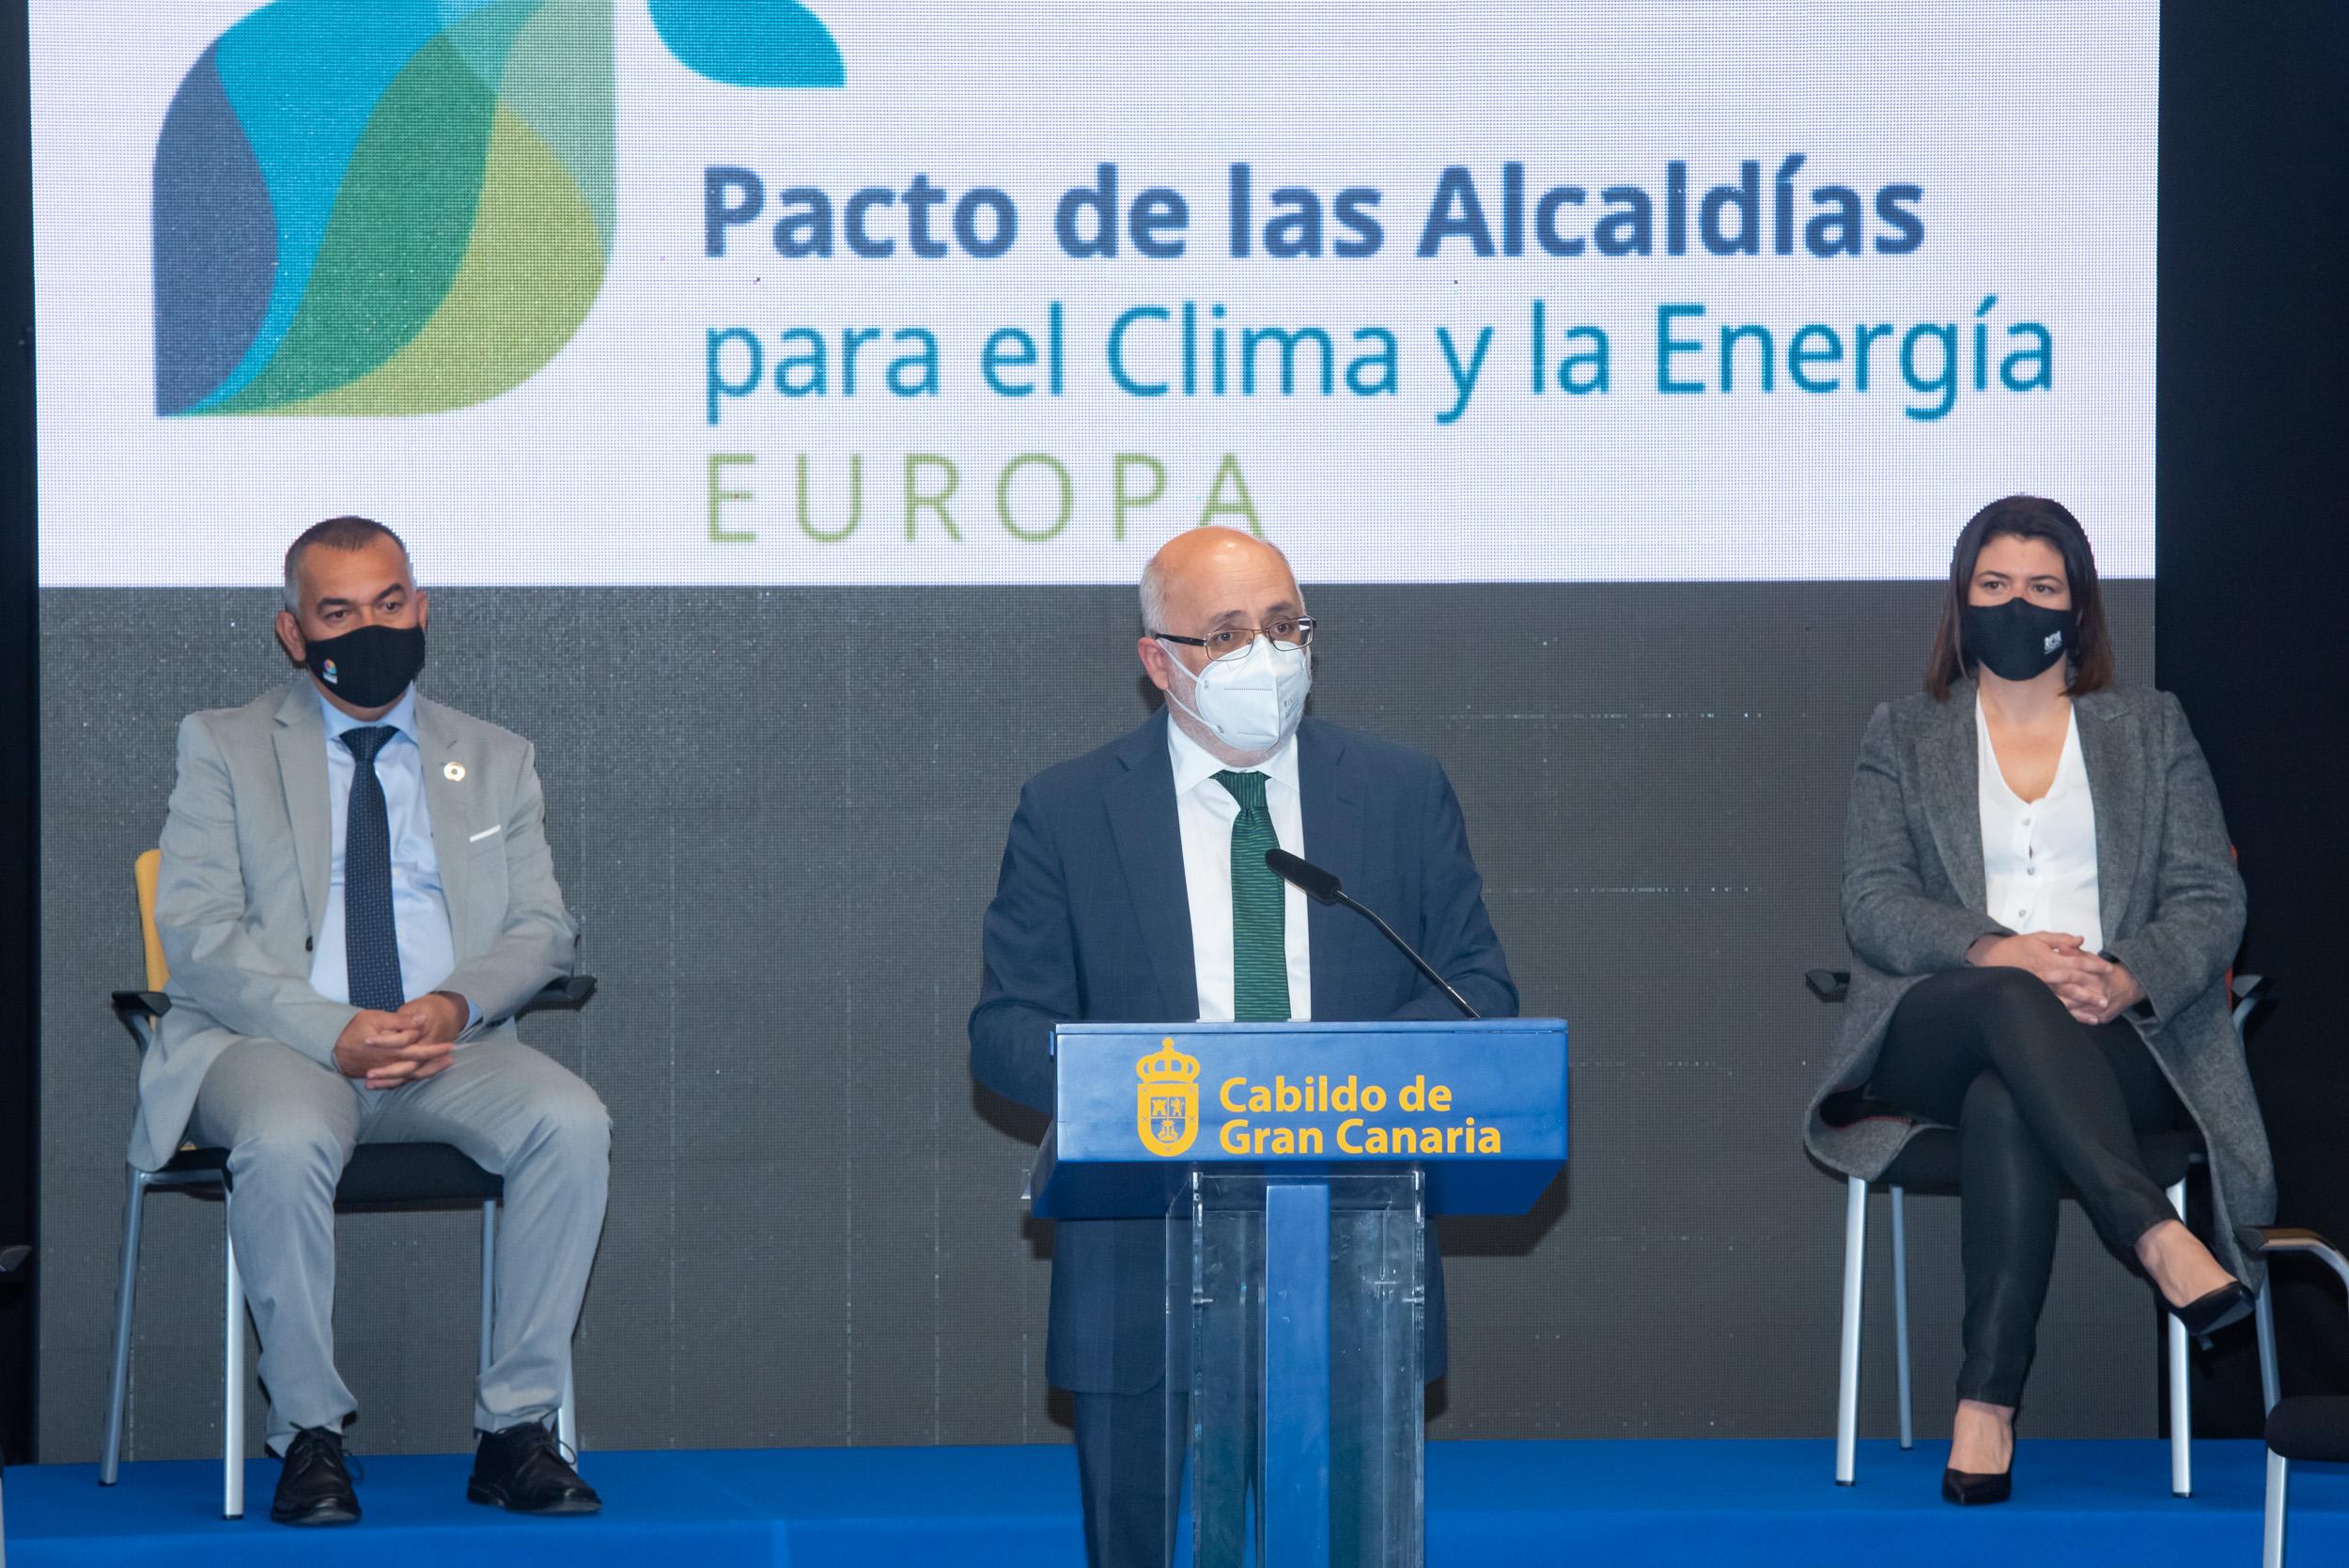 Europa aprueba los planes de acción por el clima de cinco municipios de Gran Canaria / CanariasNoticias.es